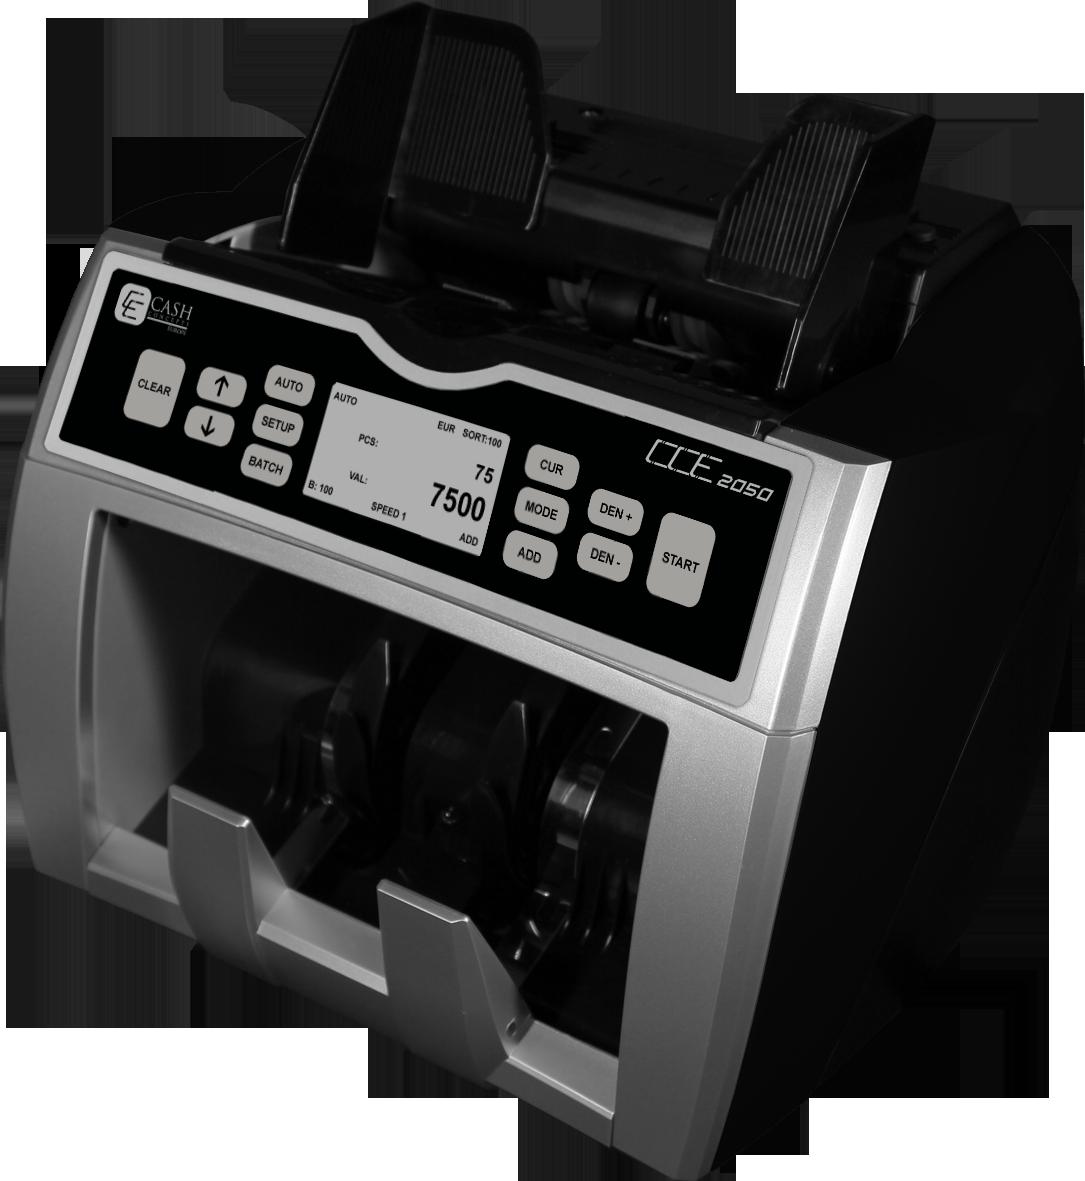 Banknotų skaičiavimo aparatas CCE 2050